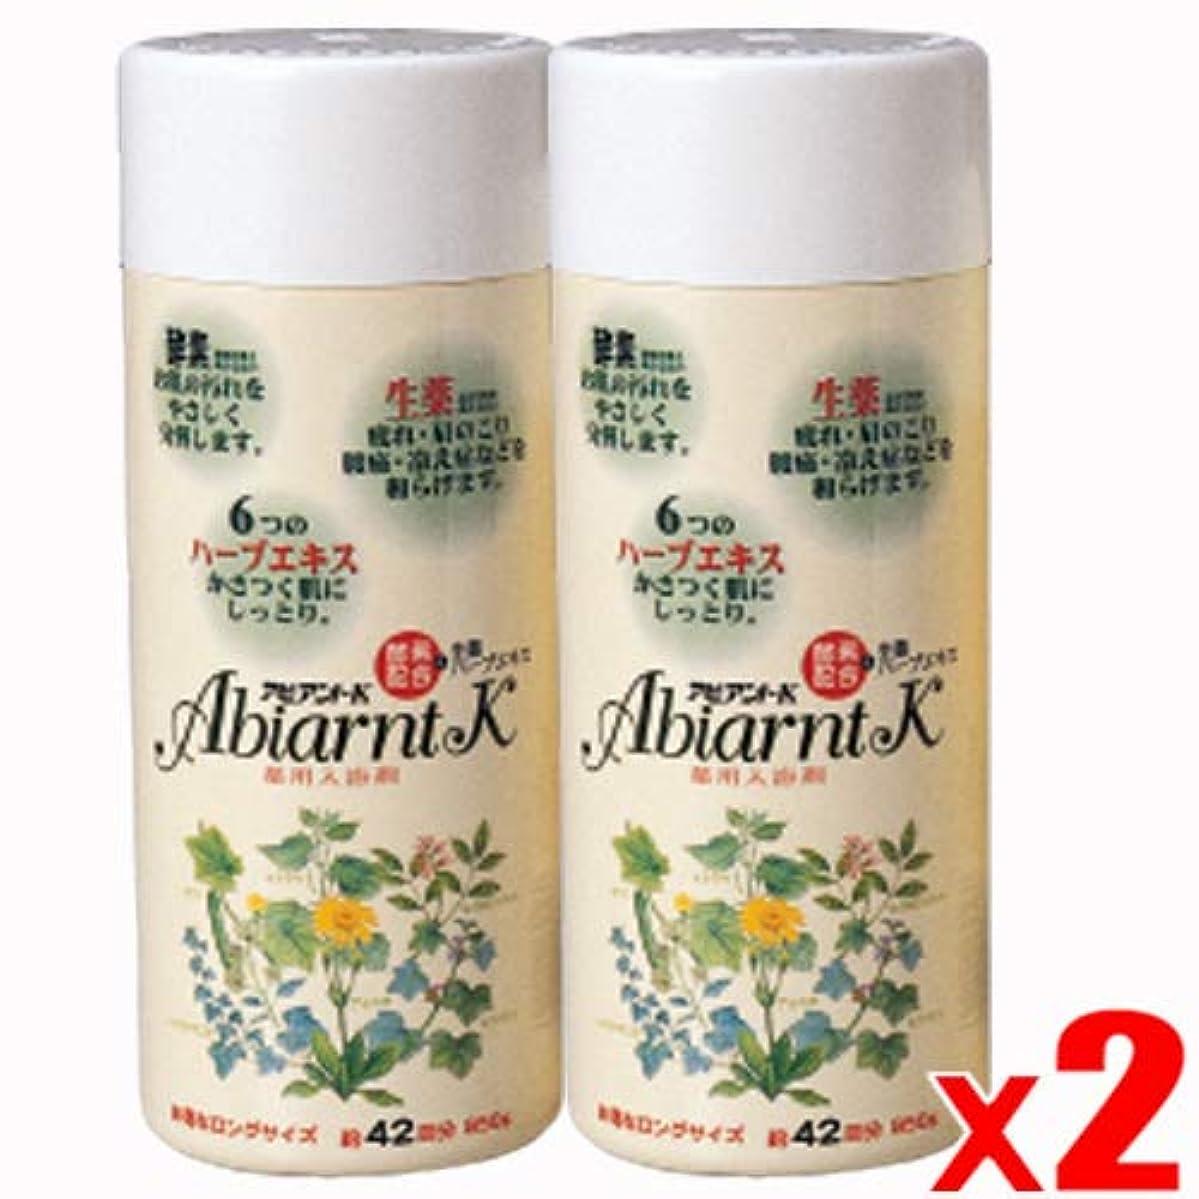 切断するドックエクスタシー【2本】アビアントK 薬用入浴剤 850gx2本 (4987235024123-2)